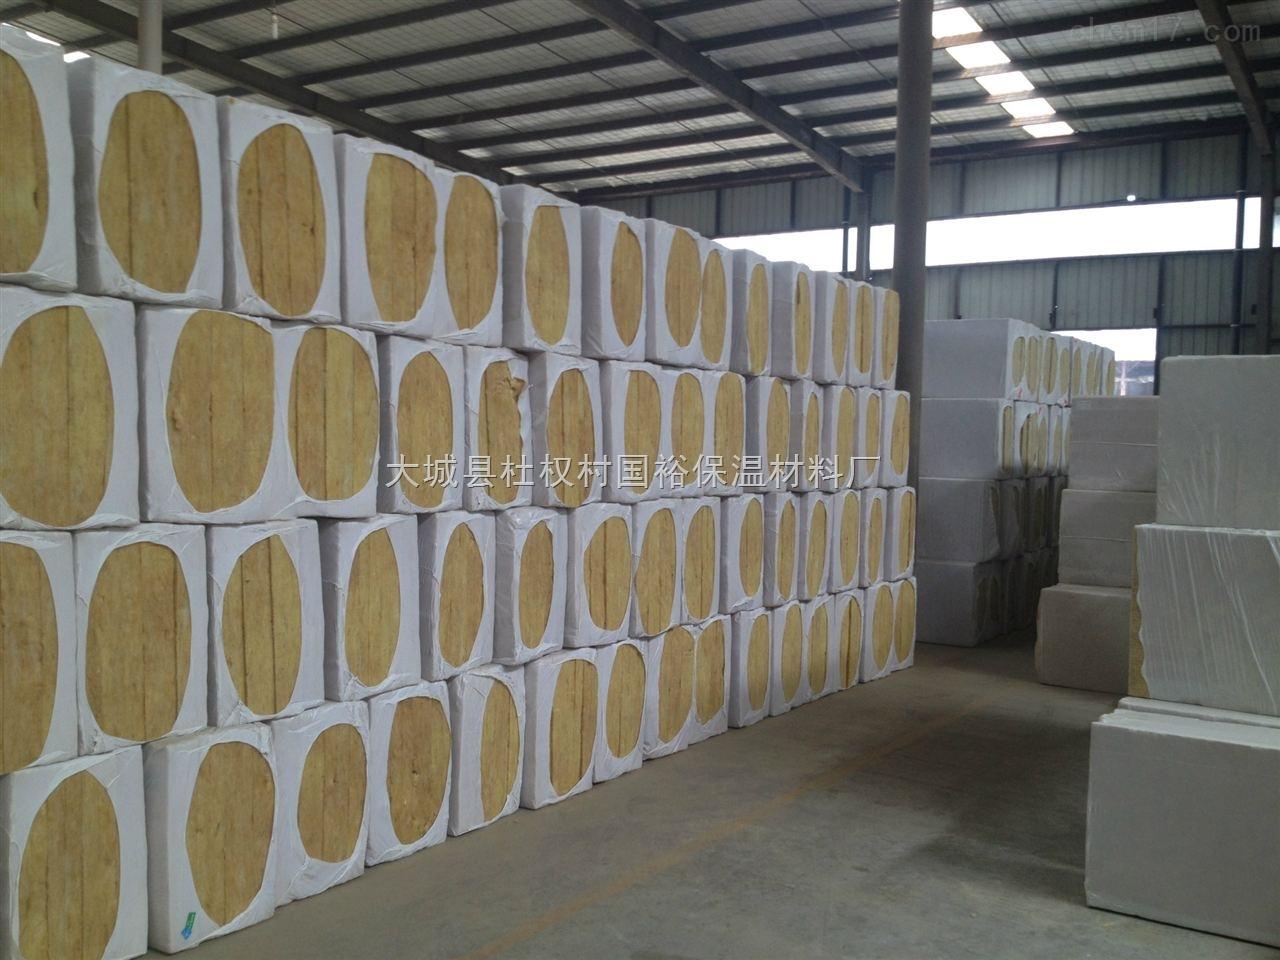 蚌埠市憎水外墙玄武岩岩棉复合板,外墙防水高强度岩棉复合保温板